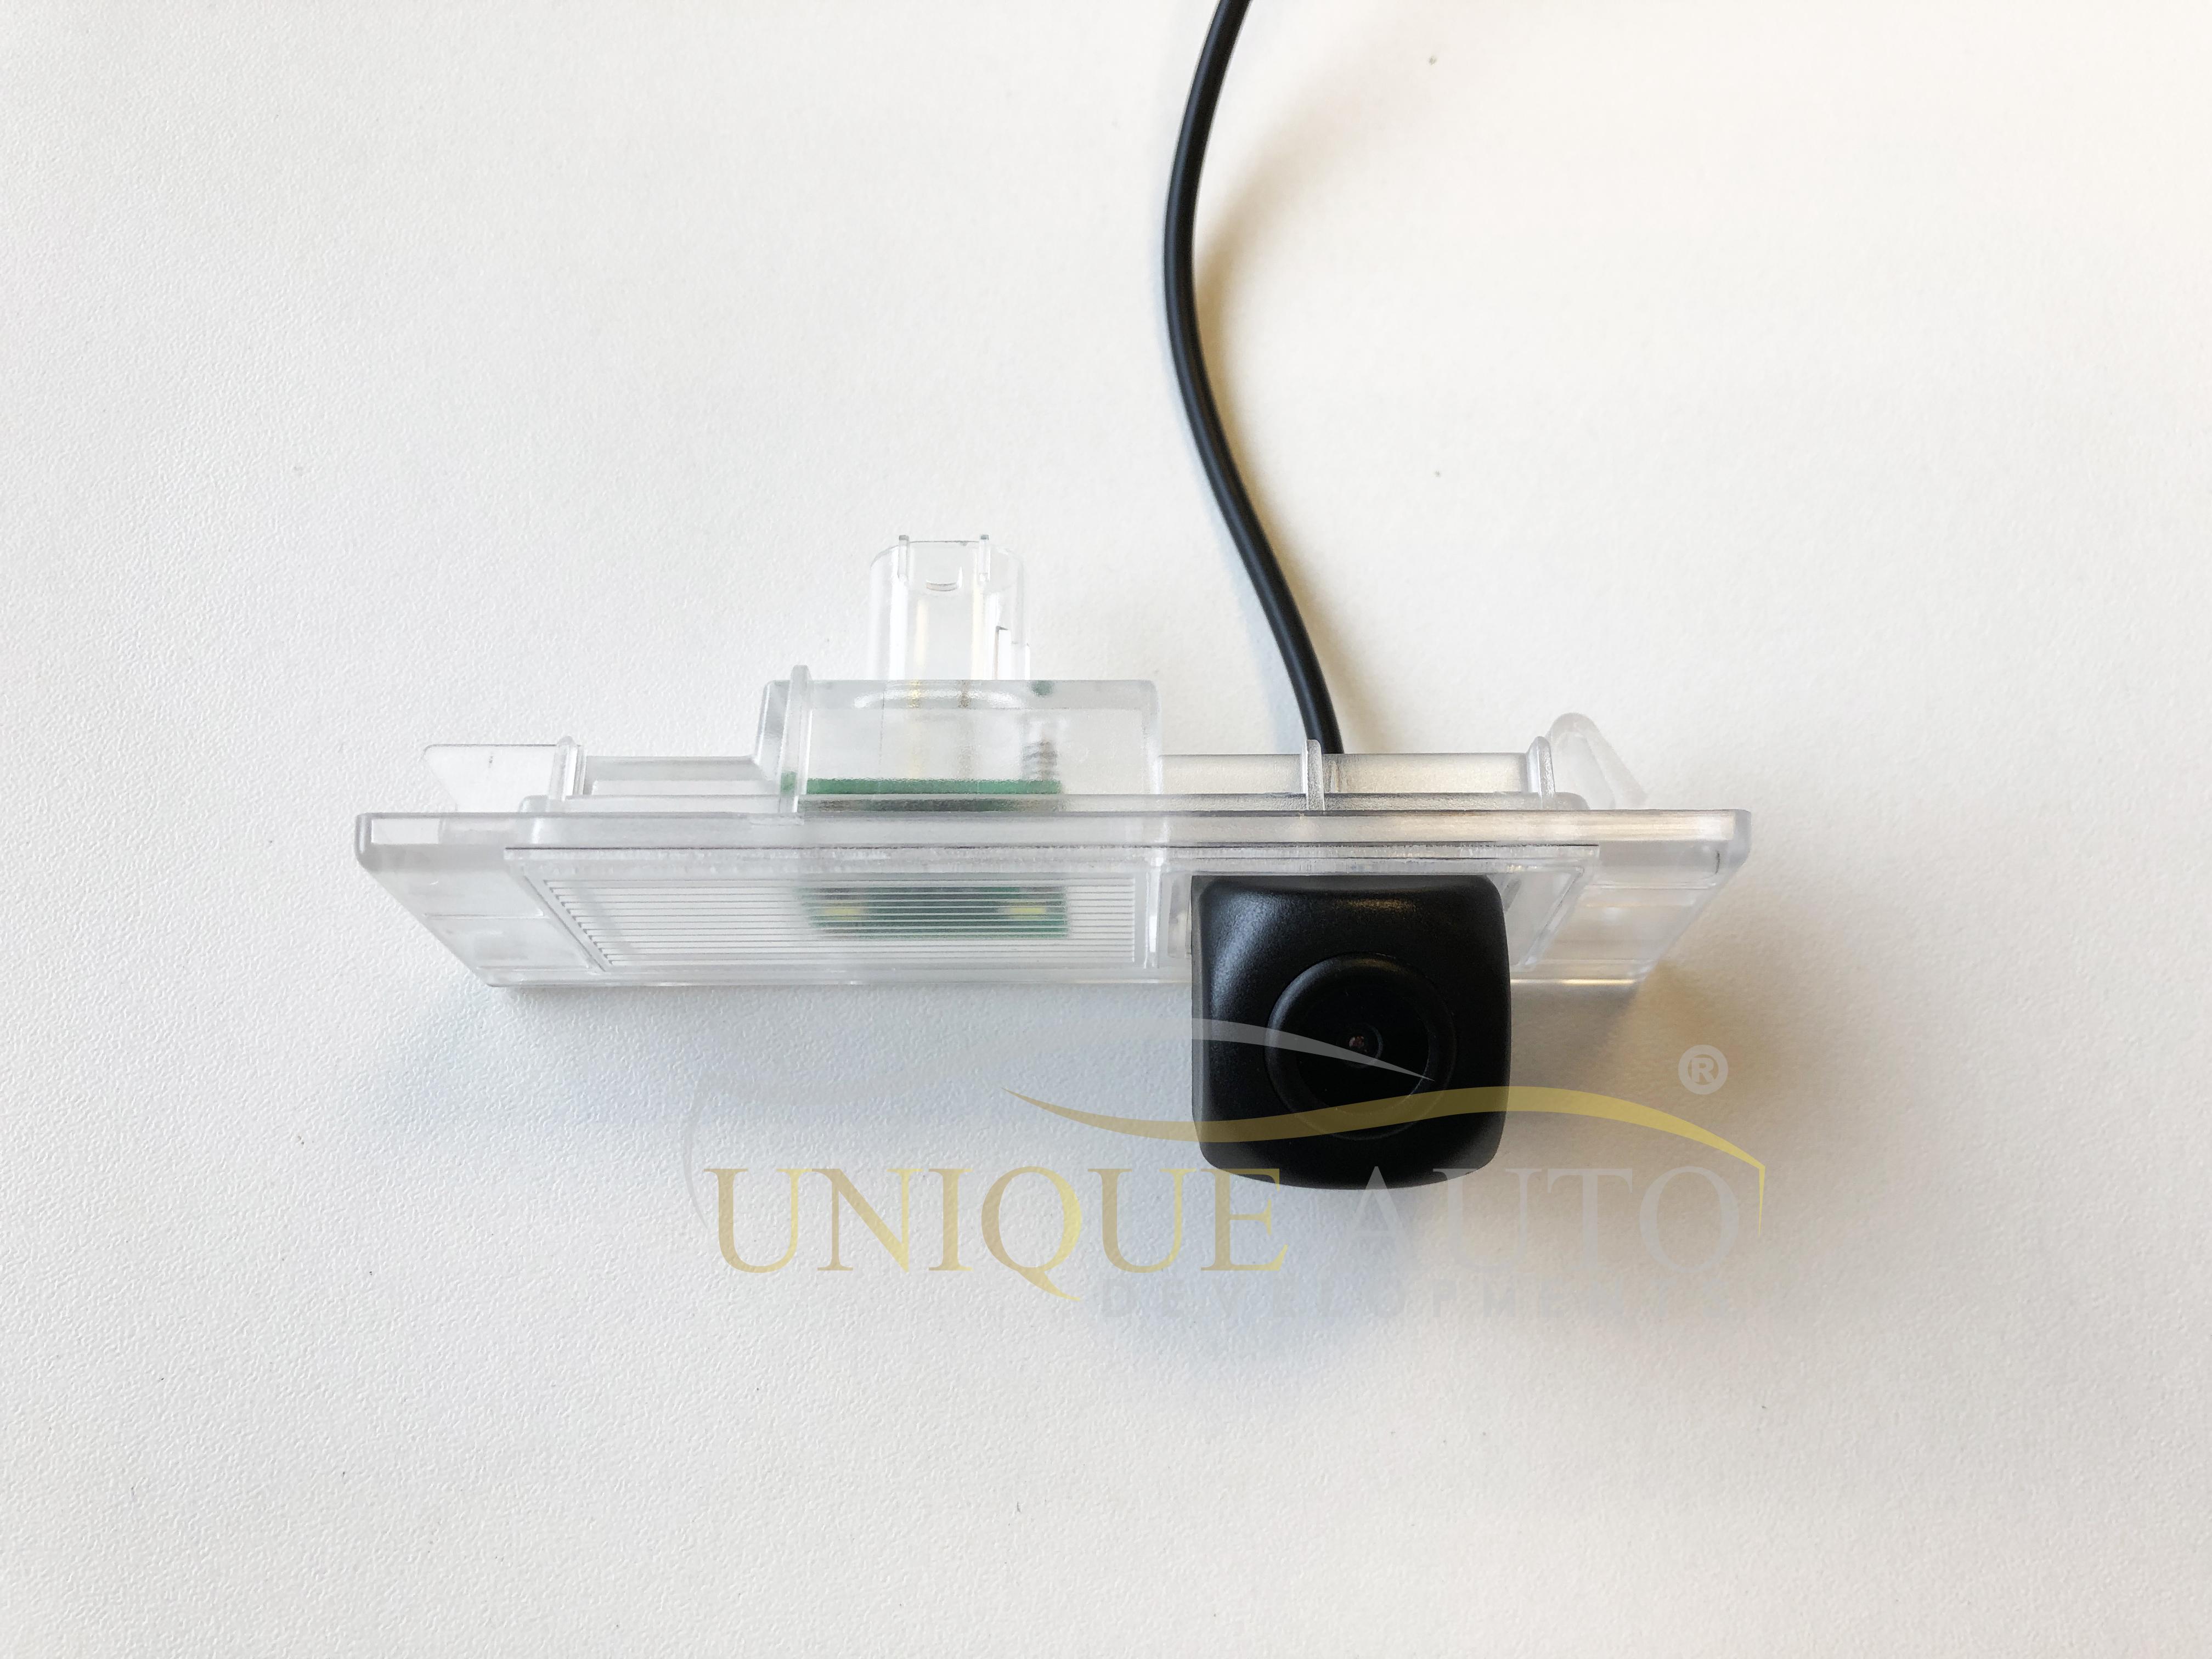 UAD 1